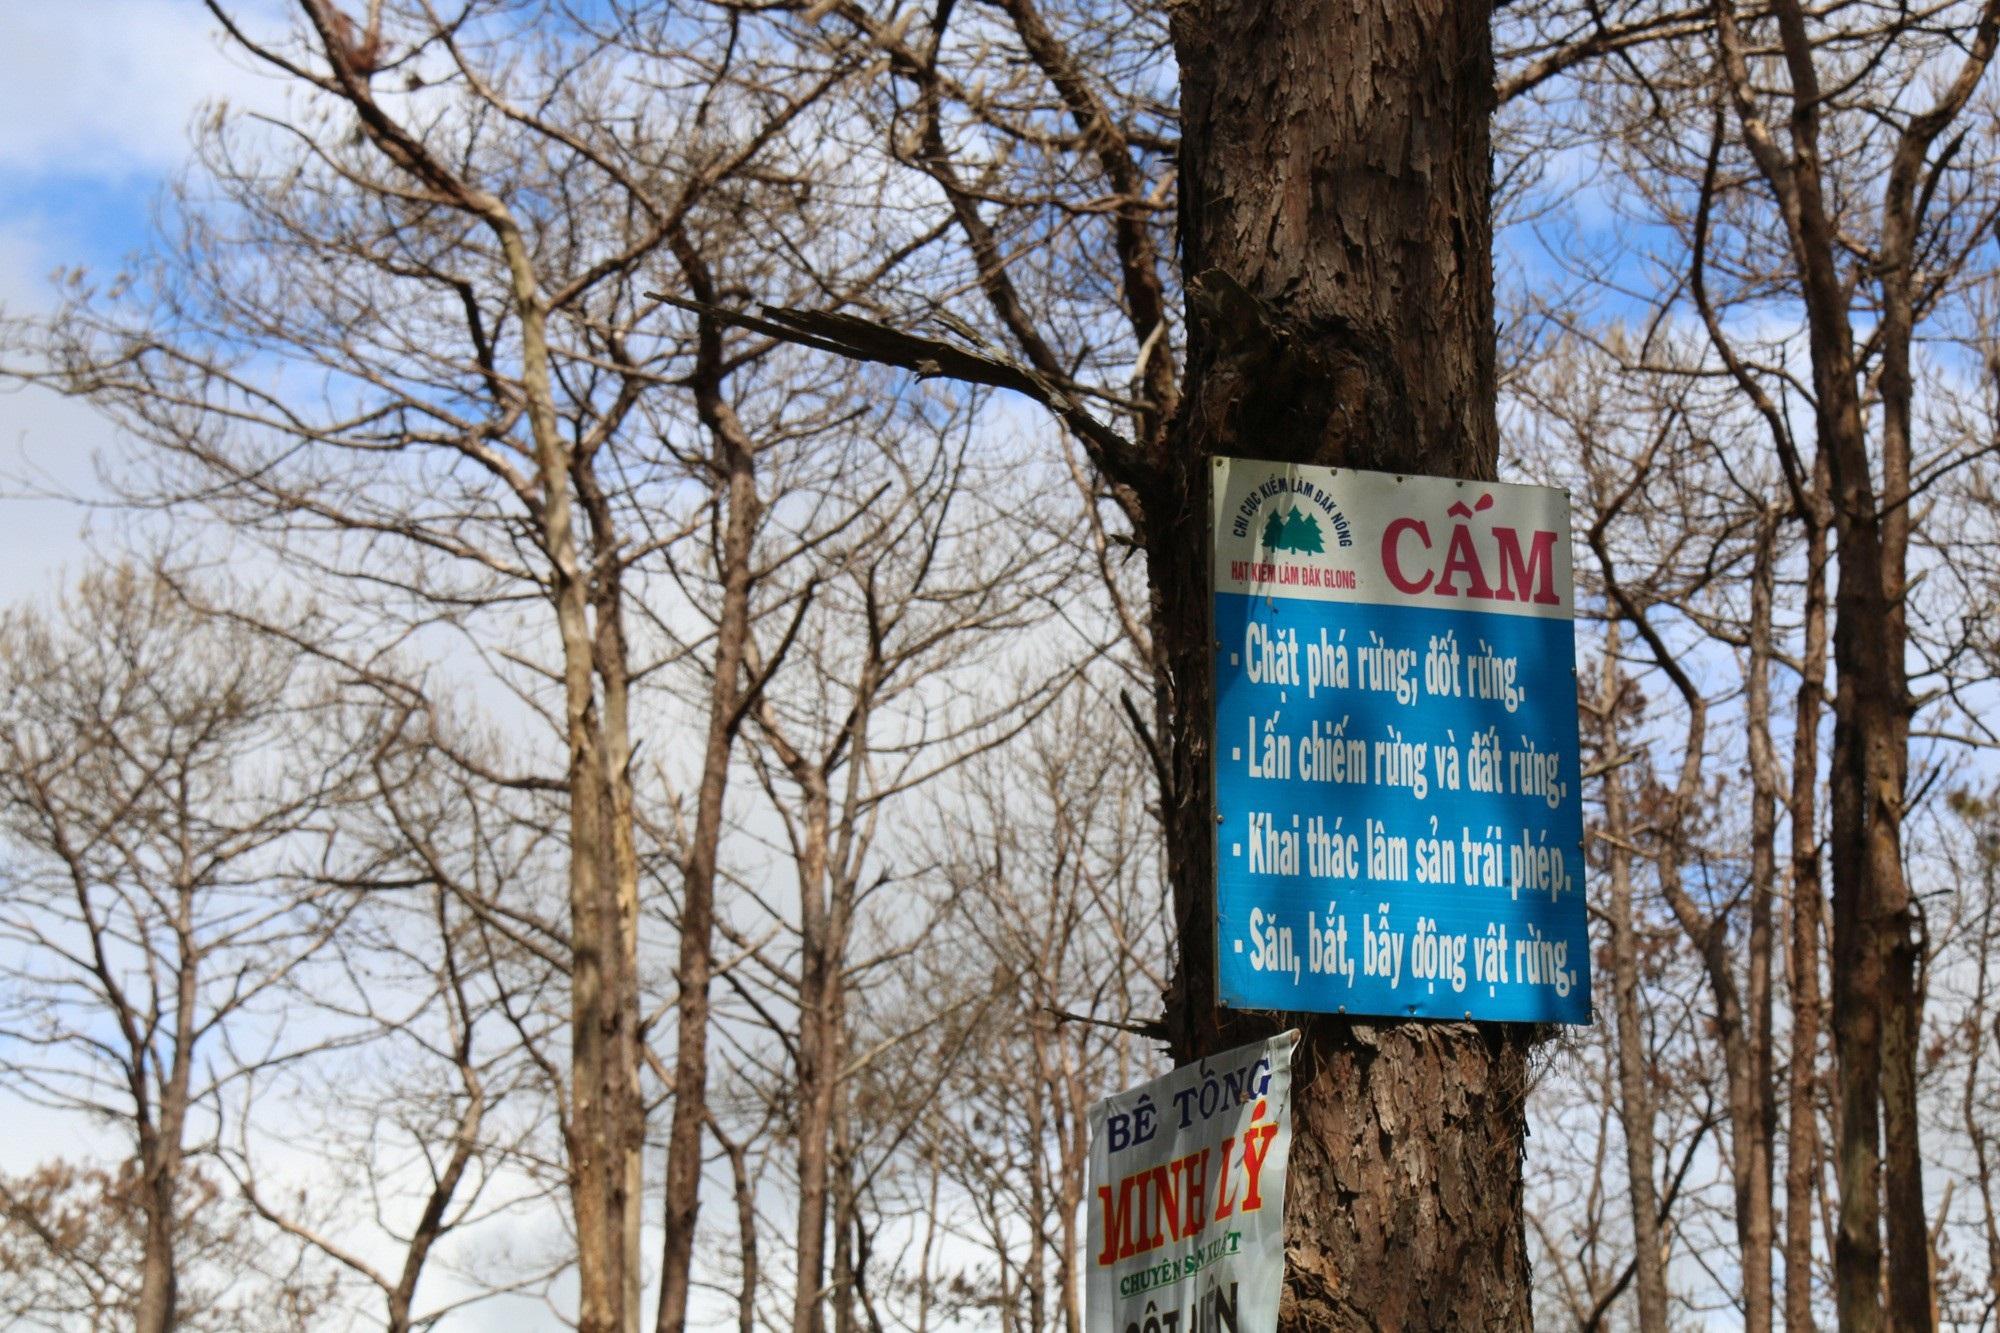 Dự án vừa bị thu hồi, rừng ngay lập tức bị bức tử - Ảnh 8.